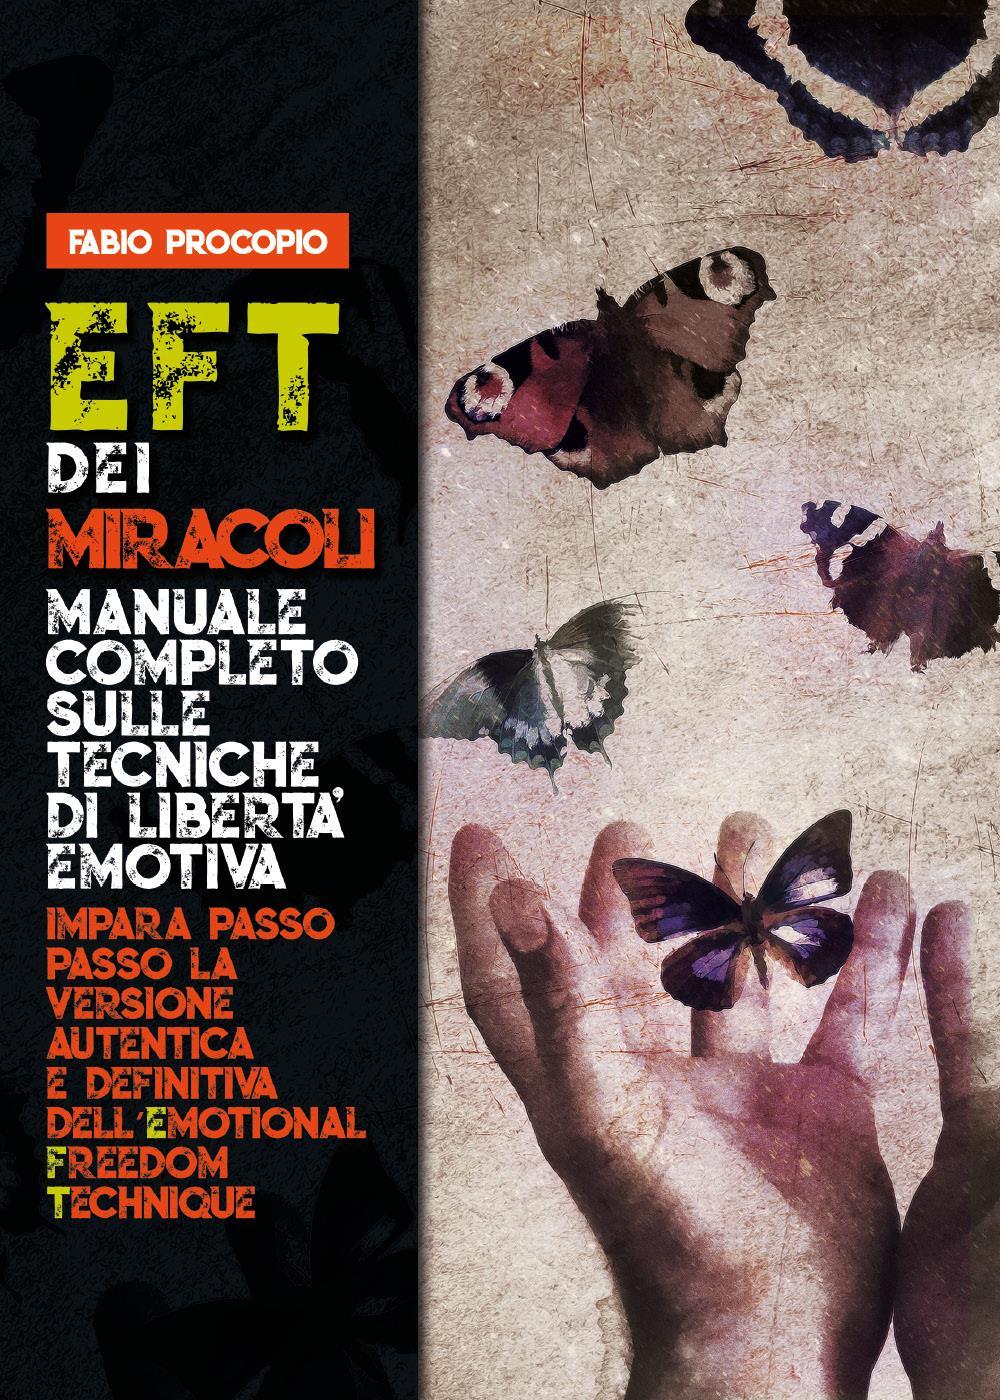 EFT dei miracoli: manuale completo sulle tecniche di libertà emotiva. Impara passo passo la versione autentica e definitiva dell'Emotional Freedom Technique